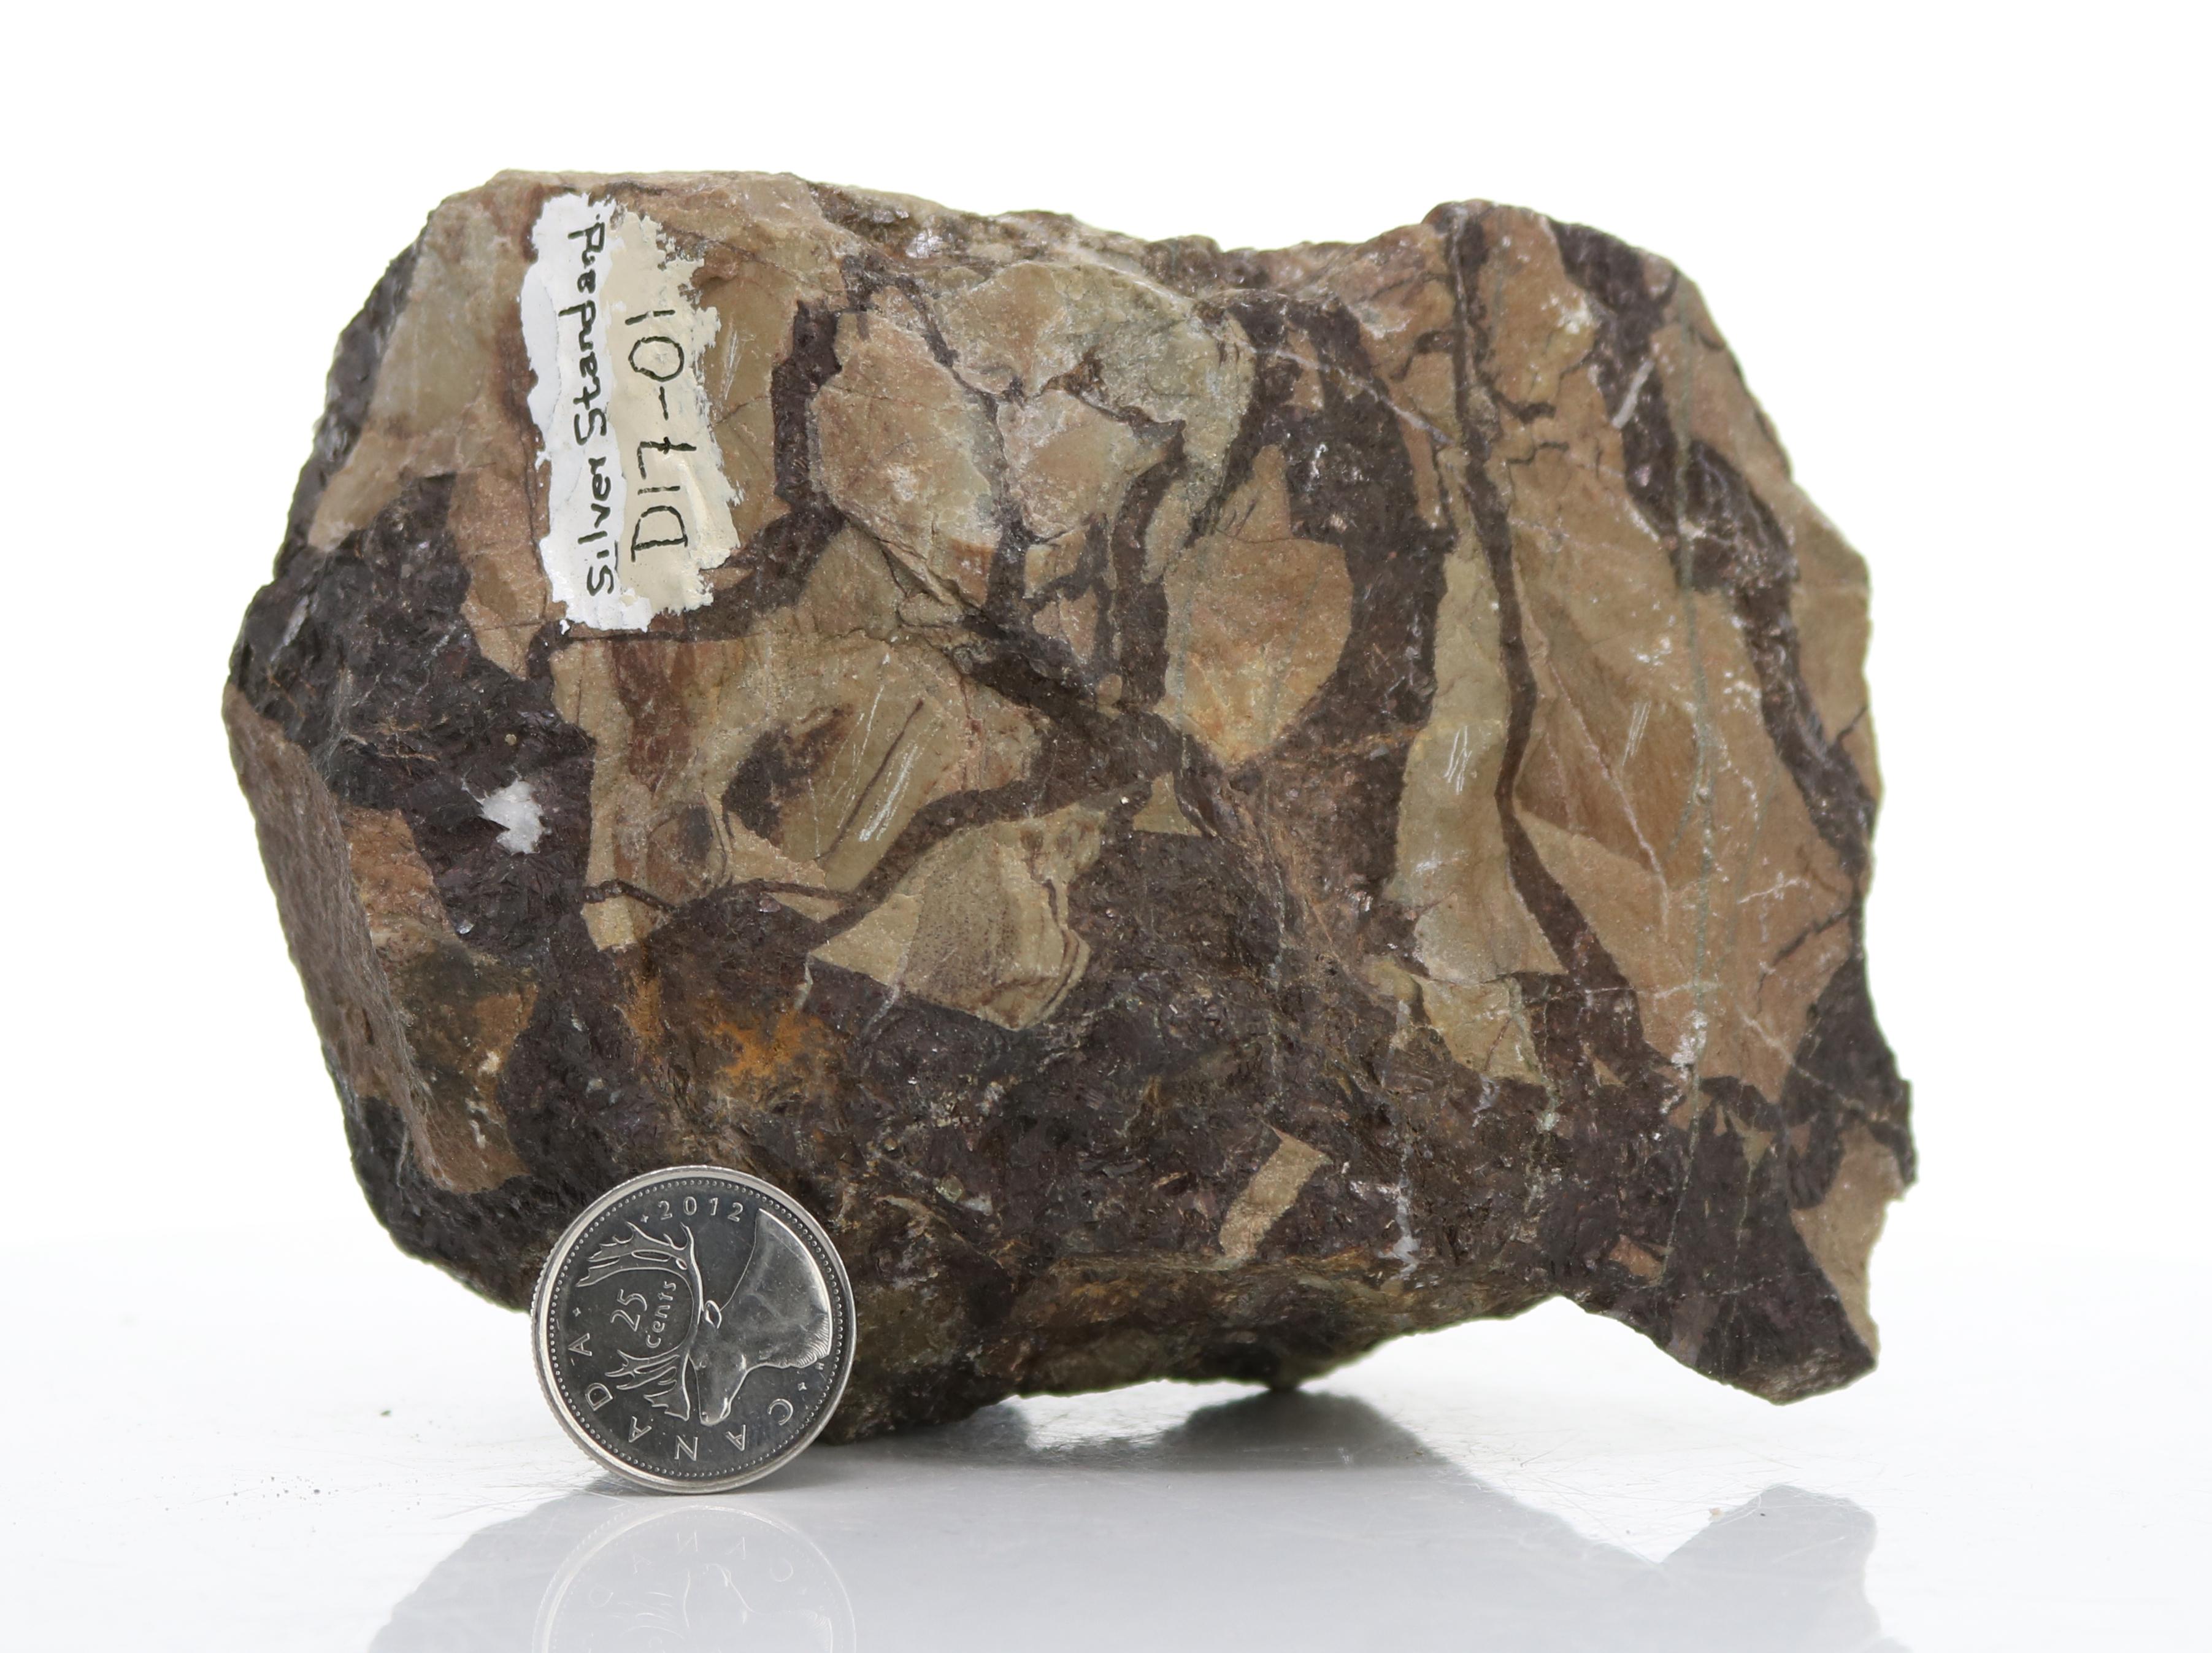 Siberite Cemented Breccia (D17-01) Image